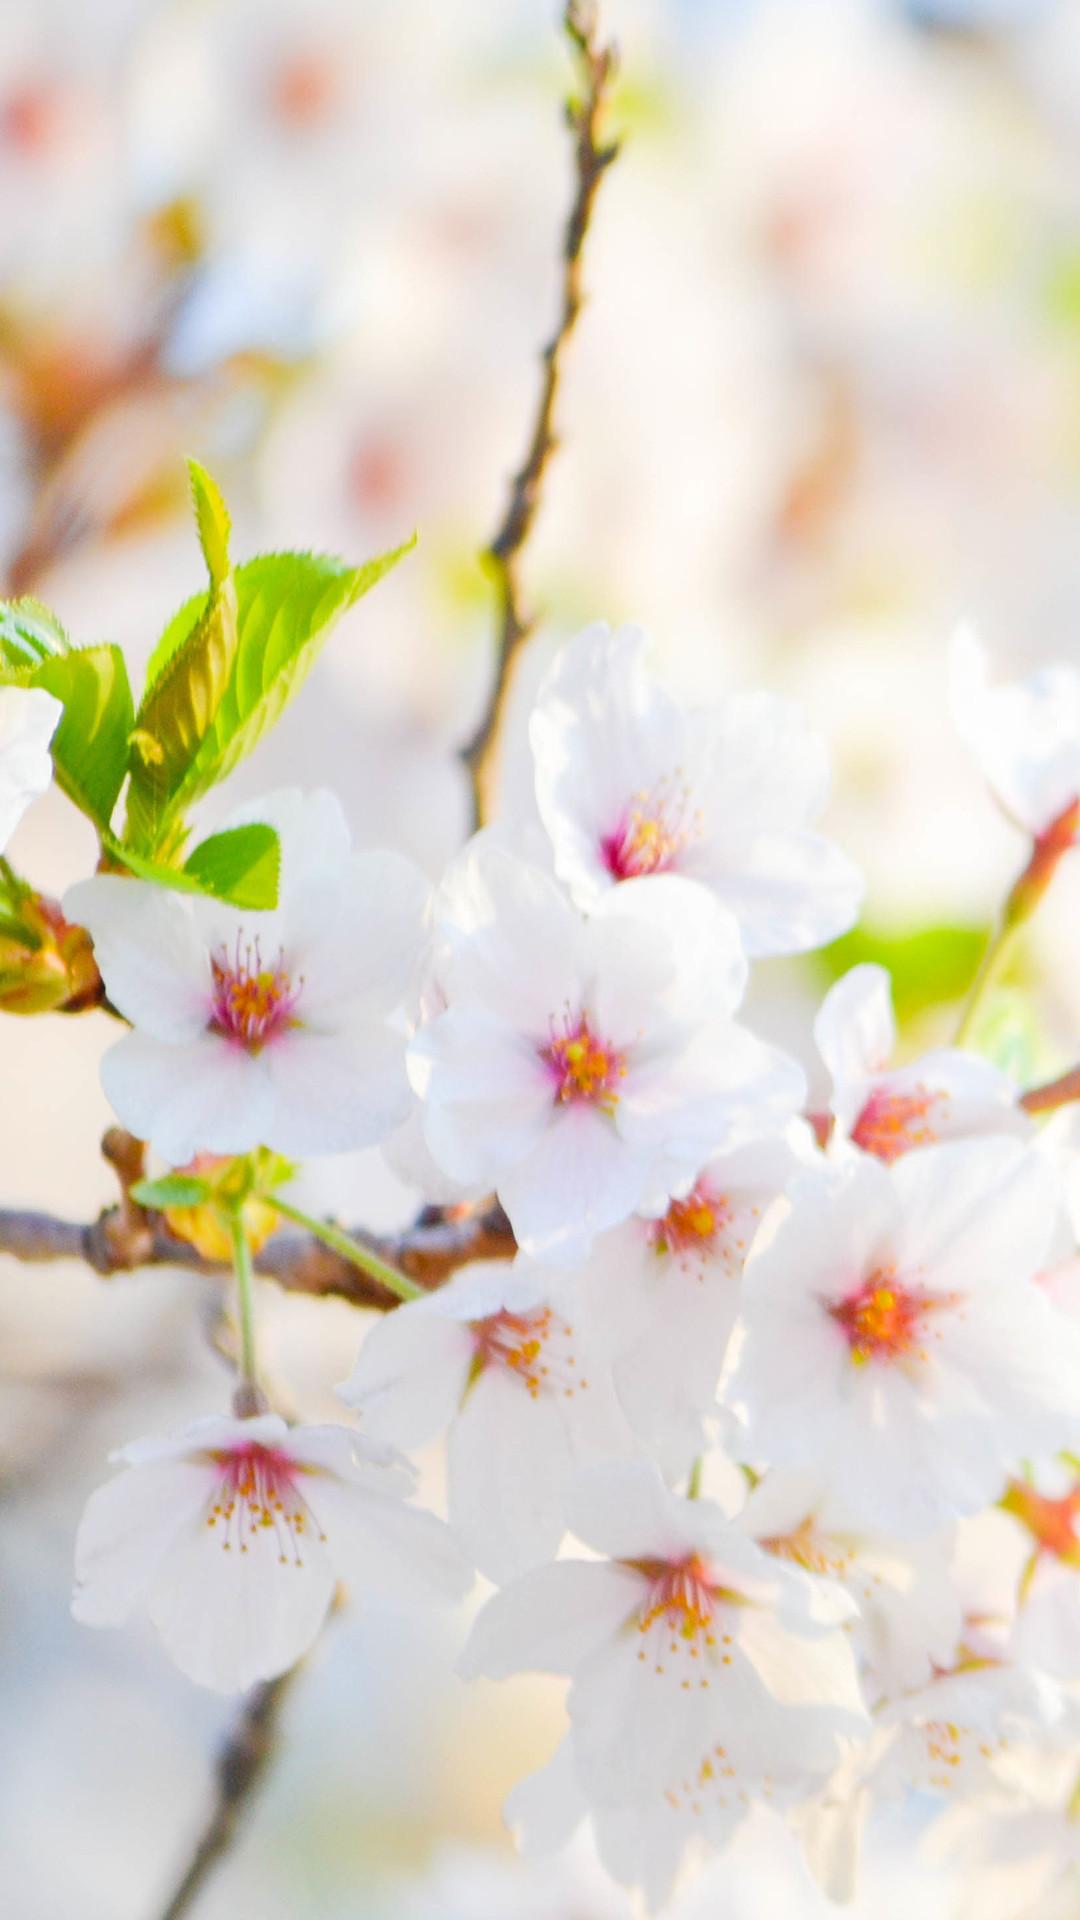 White Flower Wallpaper ·① WallpaperTag